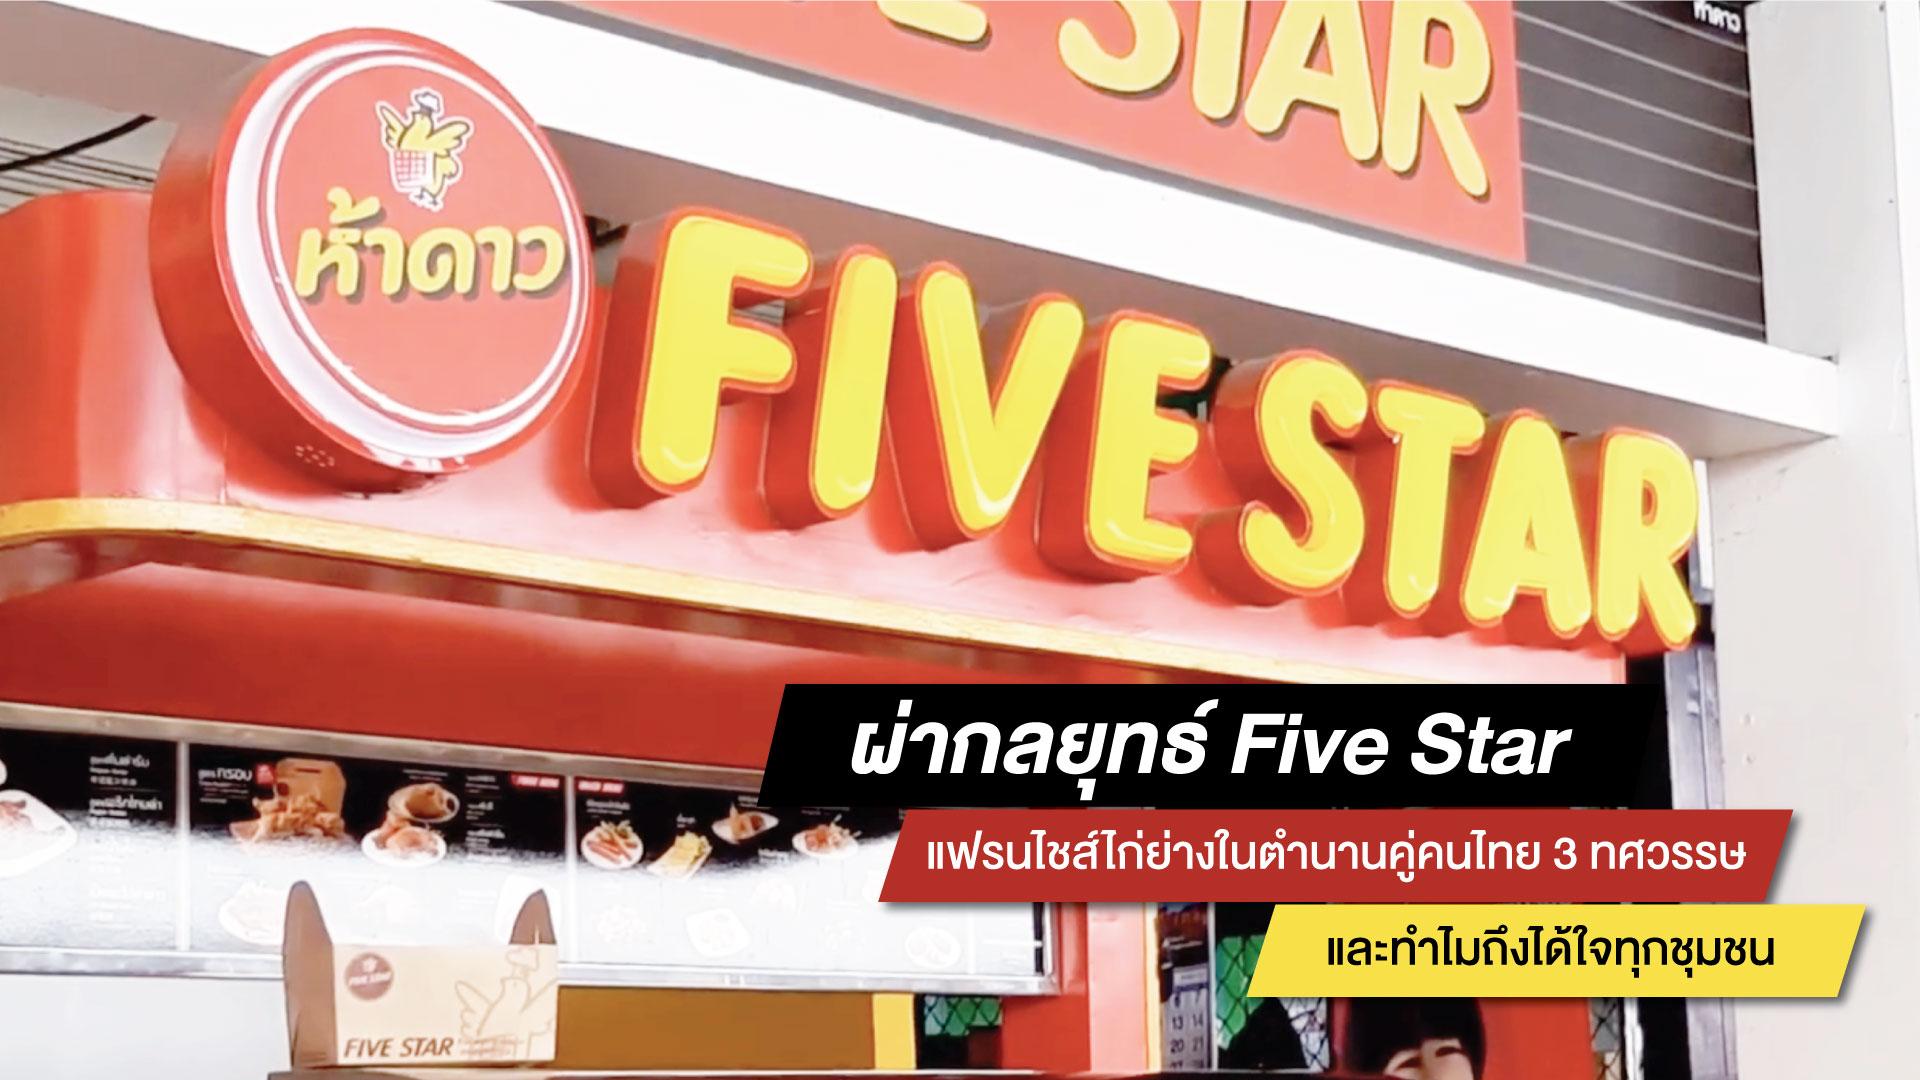 ผ่ากลยุทธ์ Five Star แฟรนไชส์ไก่ย่างในตำนานคู่คนไทย 3 ทศวรรษ และทำไมถึงได้ใจทุกชุมชน